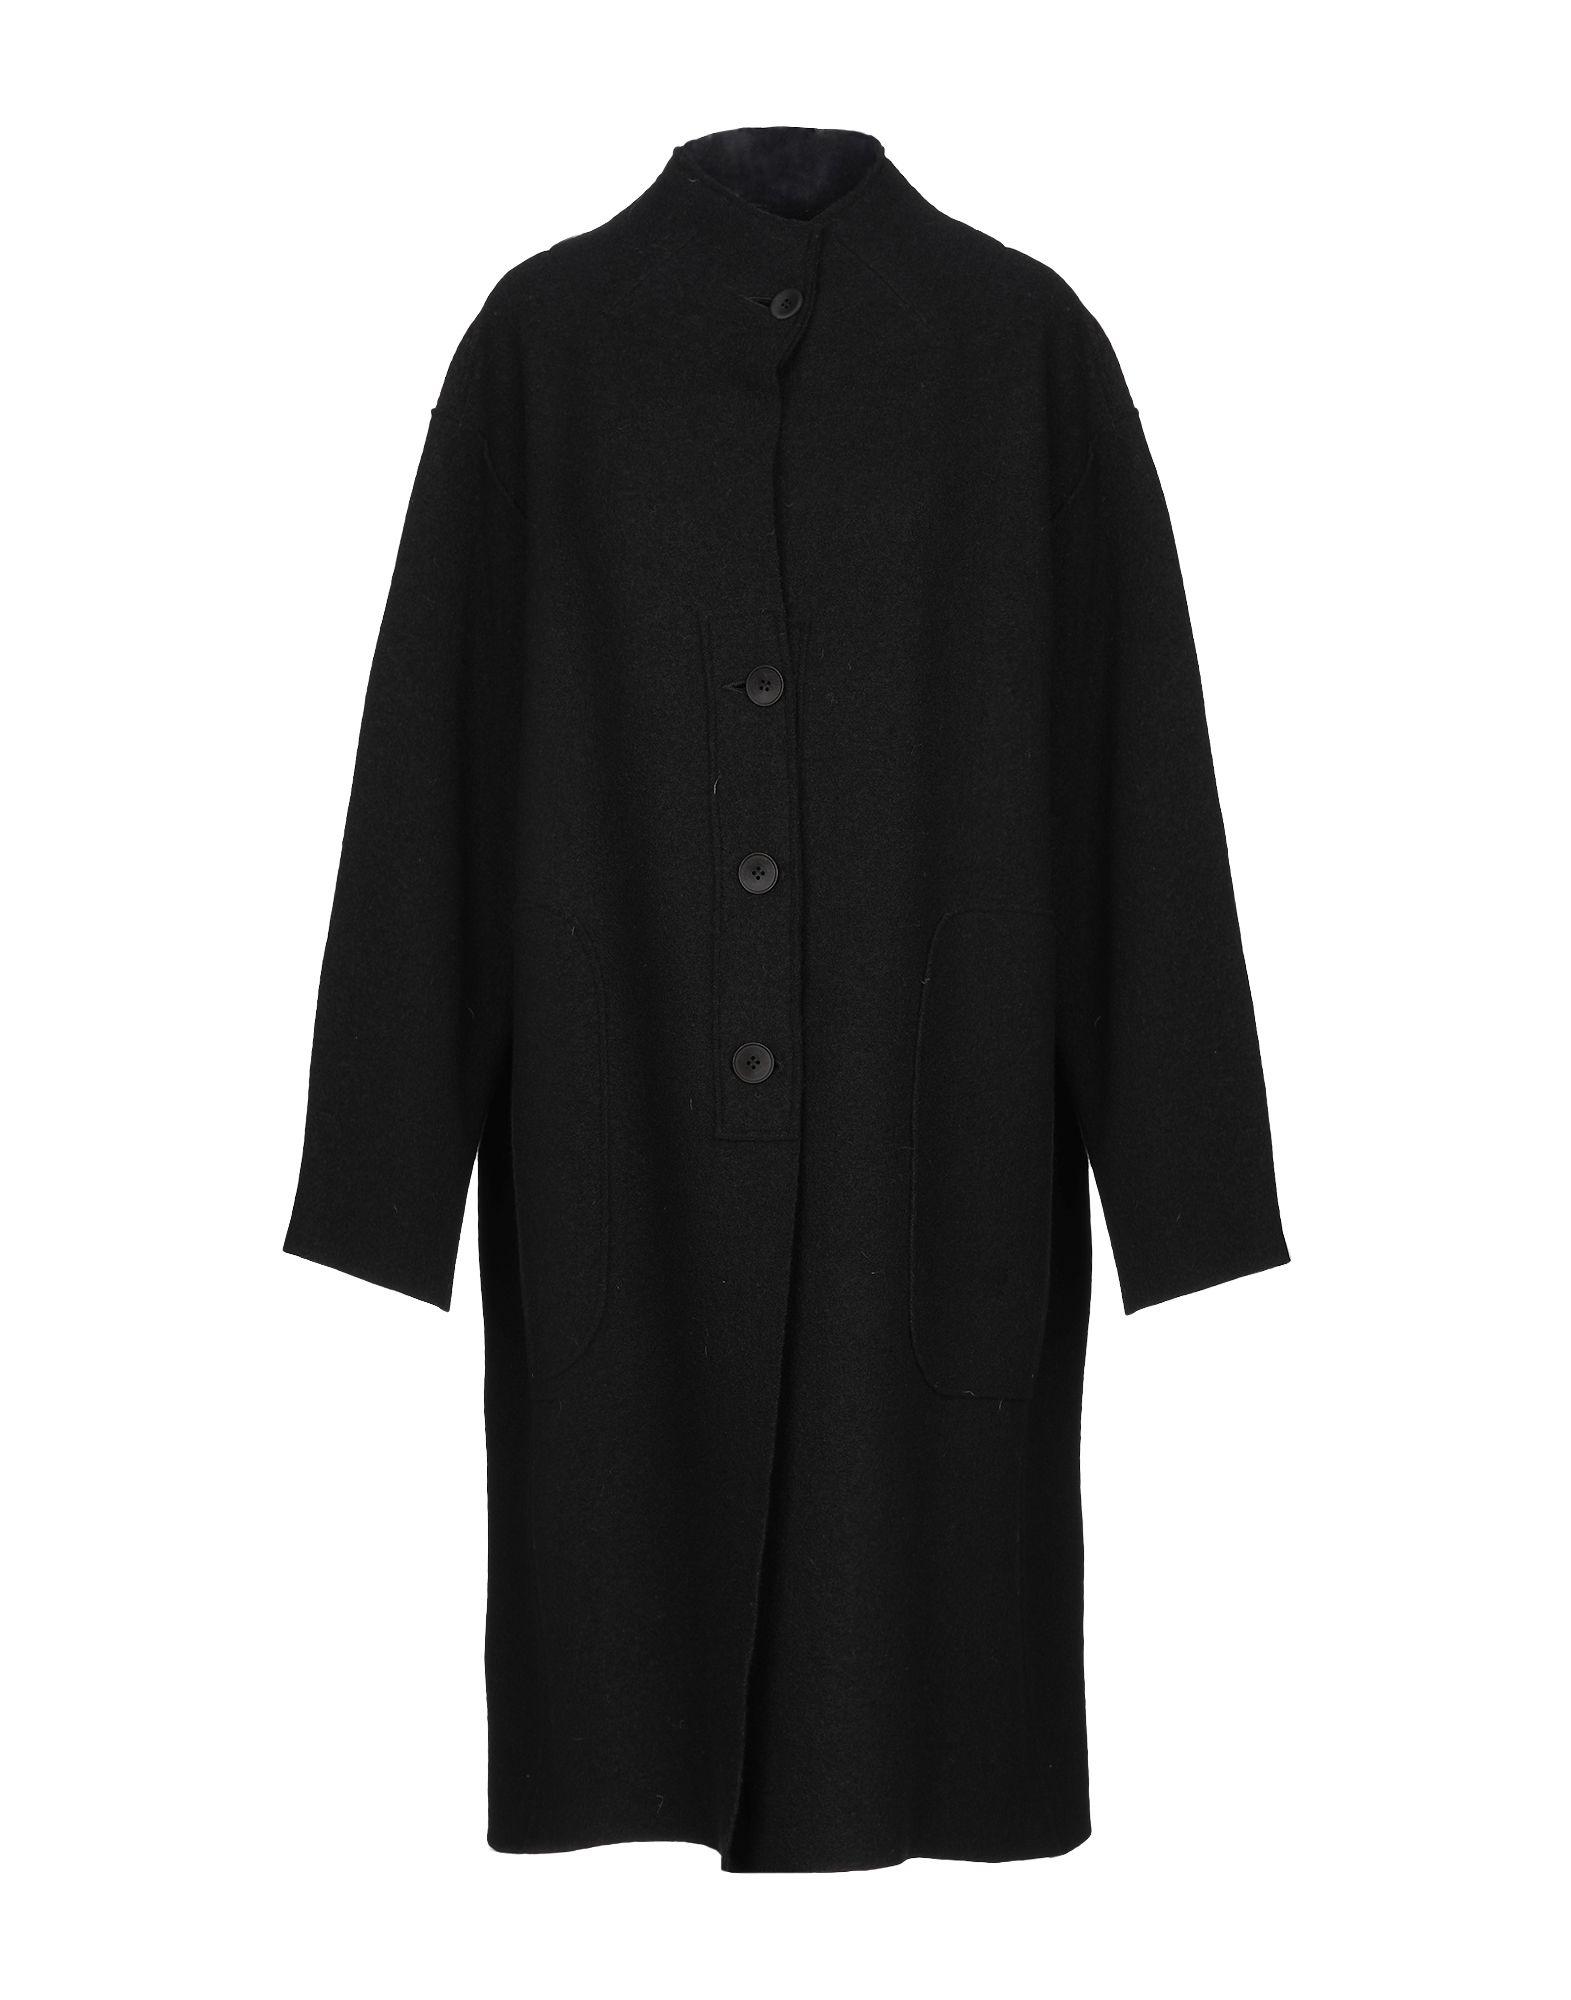 купить ISABELLA CLEMENTINI Легкое пальто по цене 19500 рублей